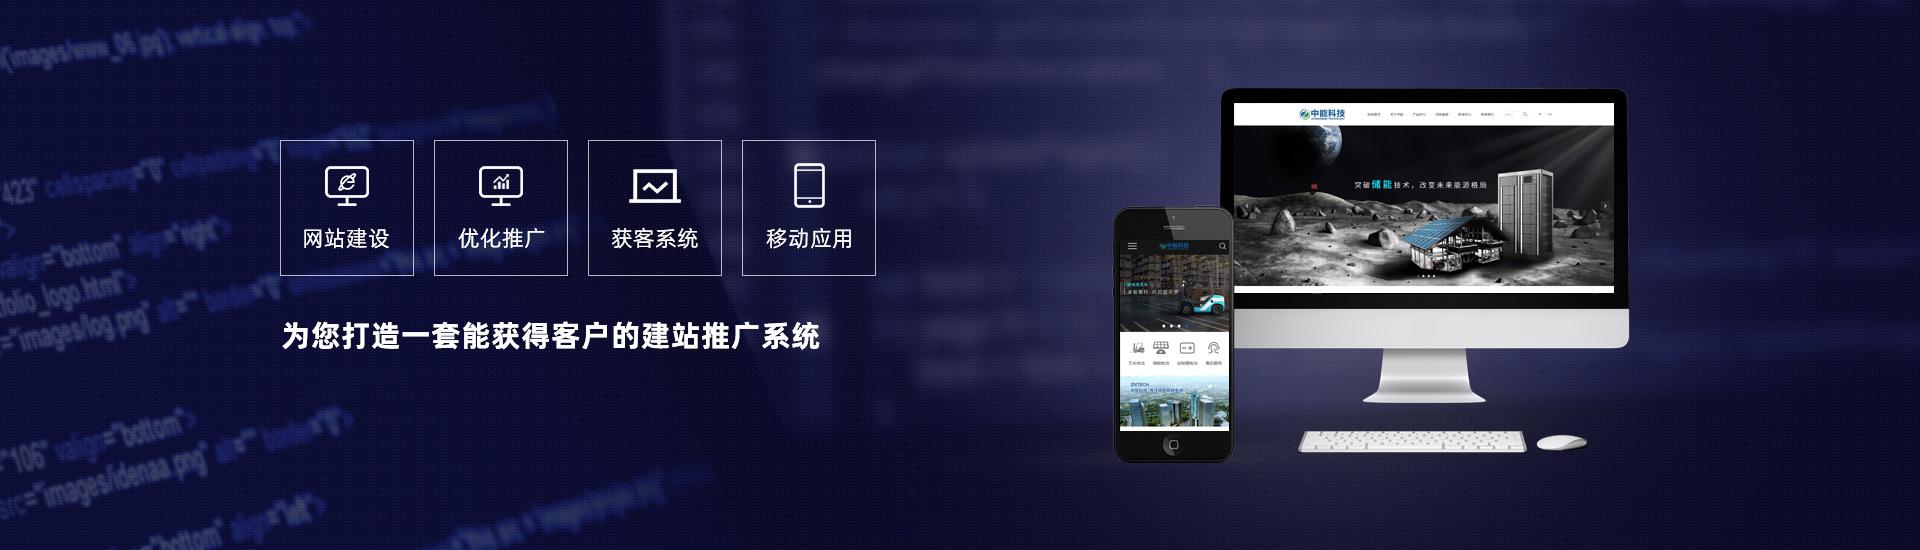 石家庄网站制作,石家庄做网站,石家庄网站建设,荣力达科技